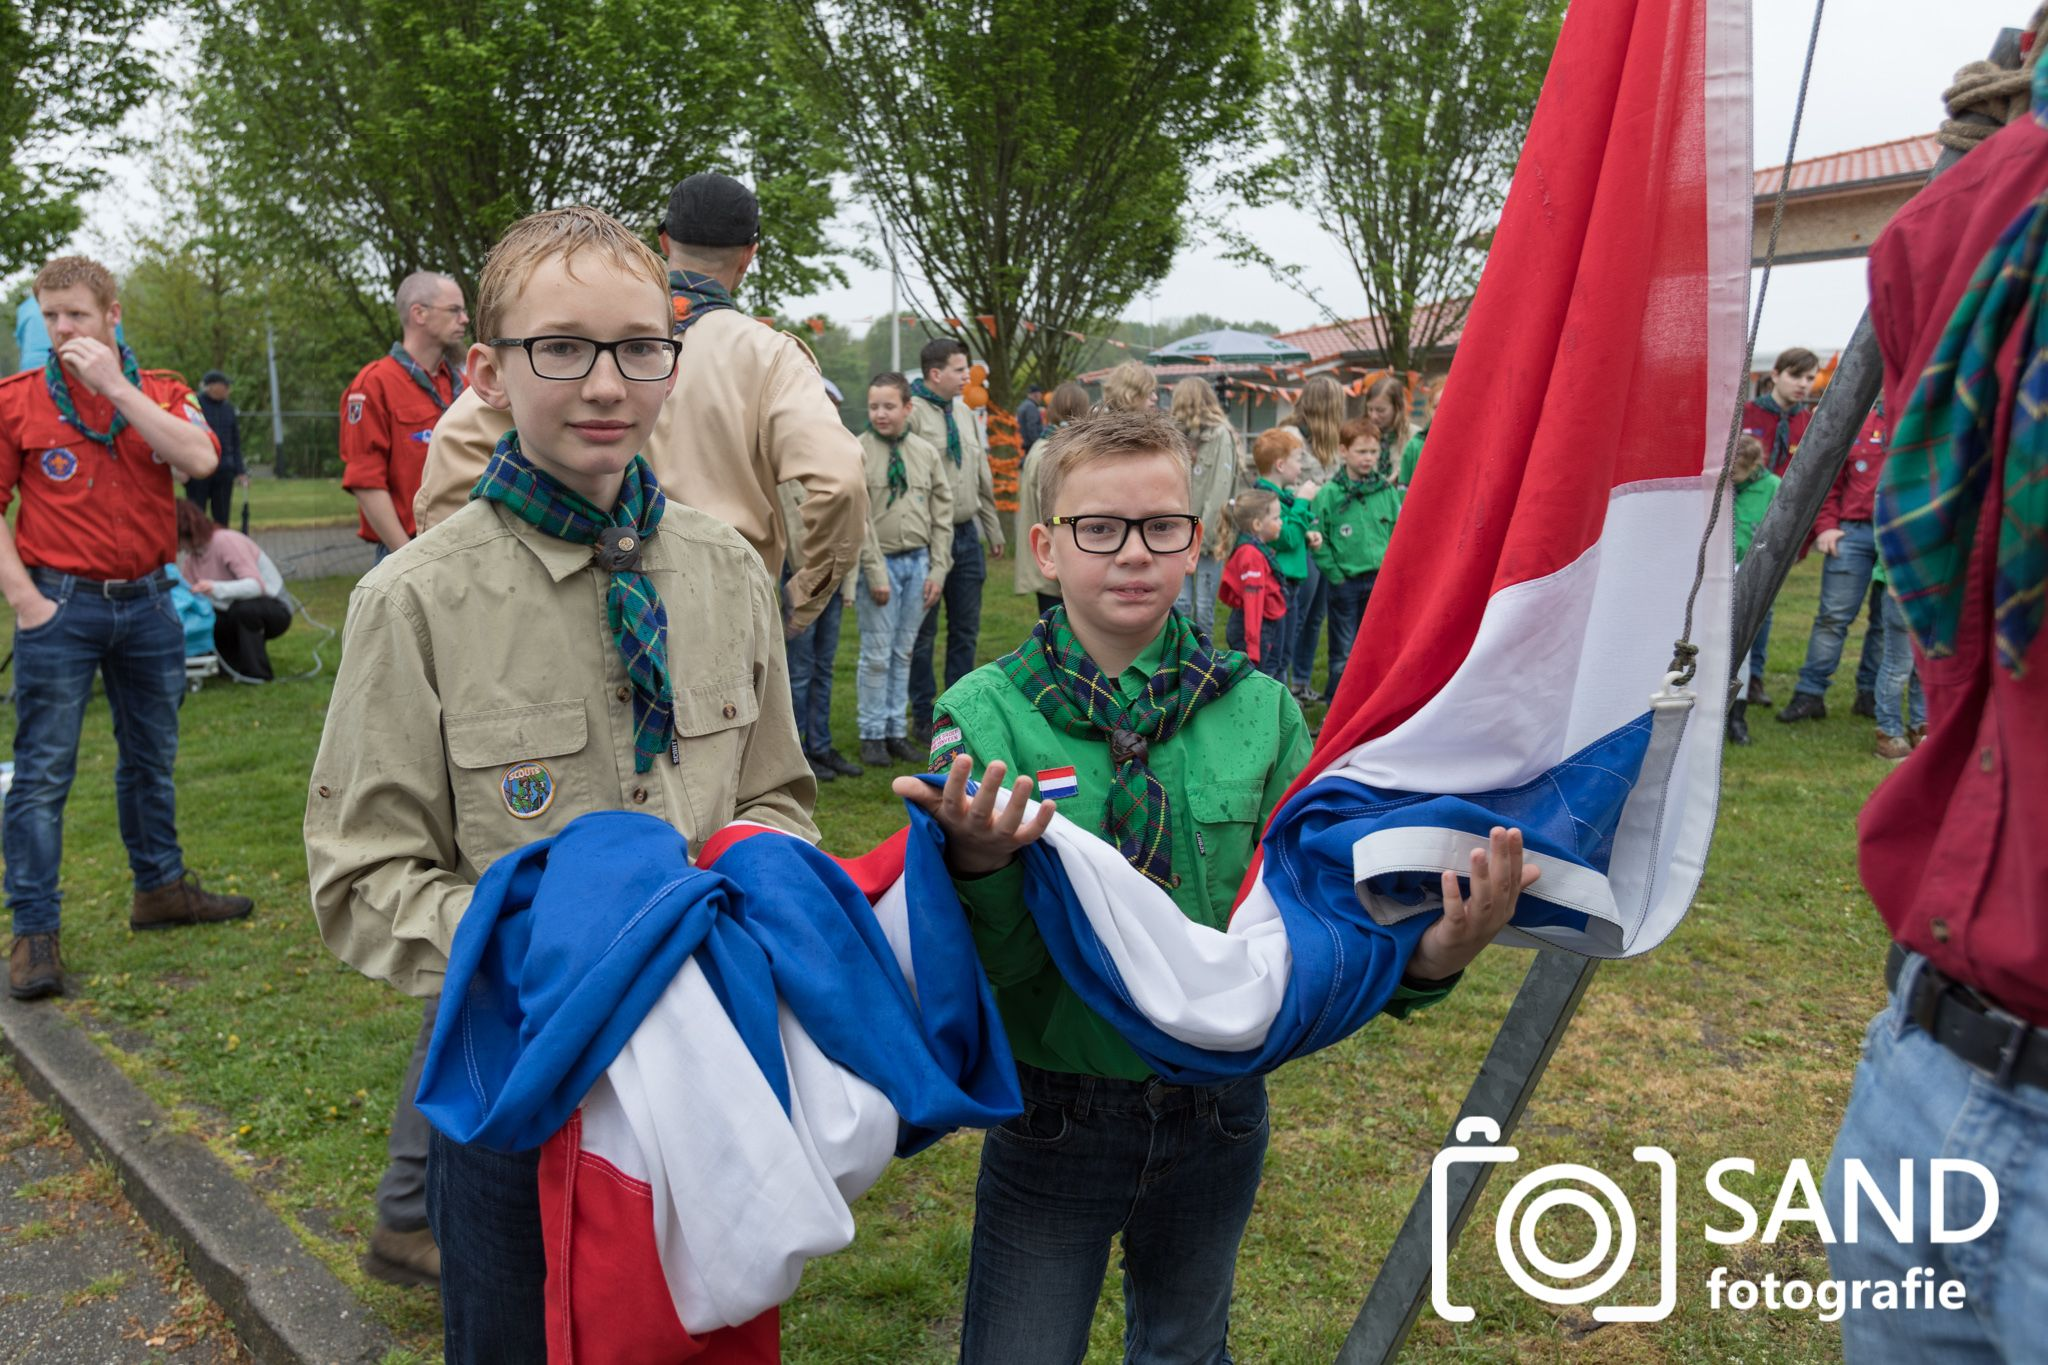 Koningsdag 2019 Vriezenveen  Sand Fotografie